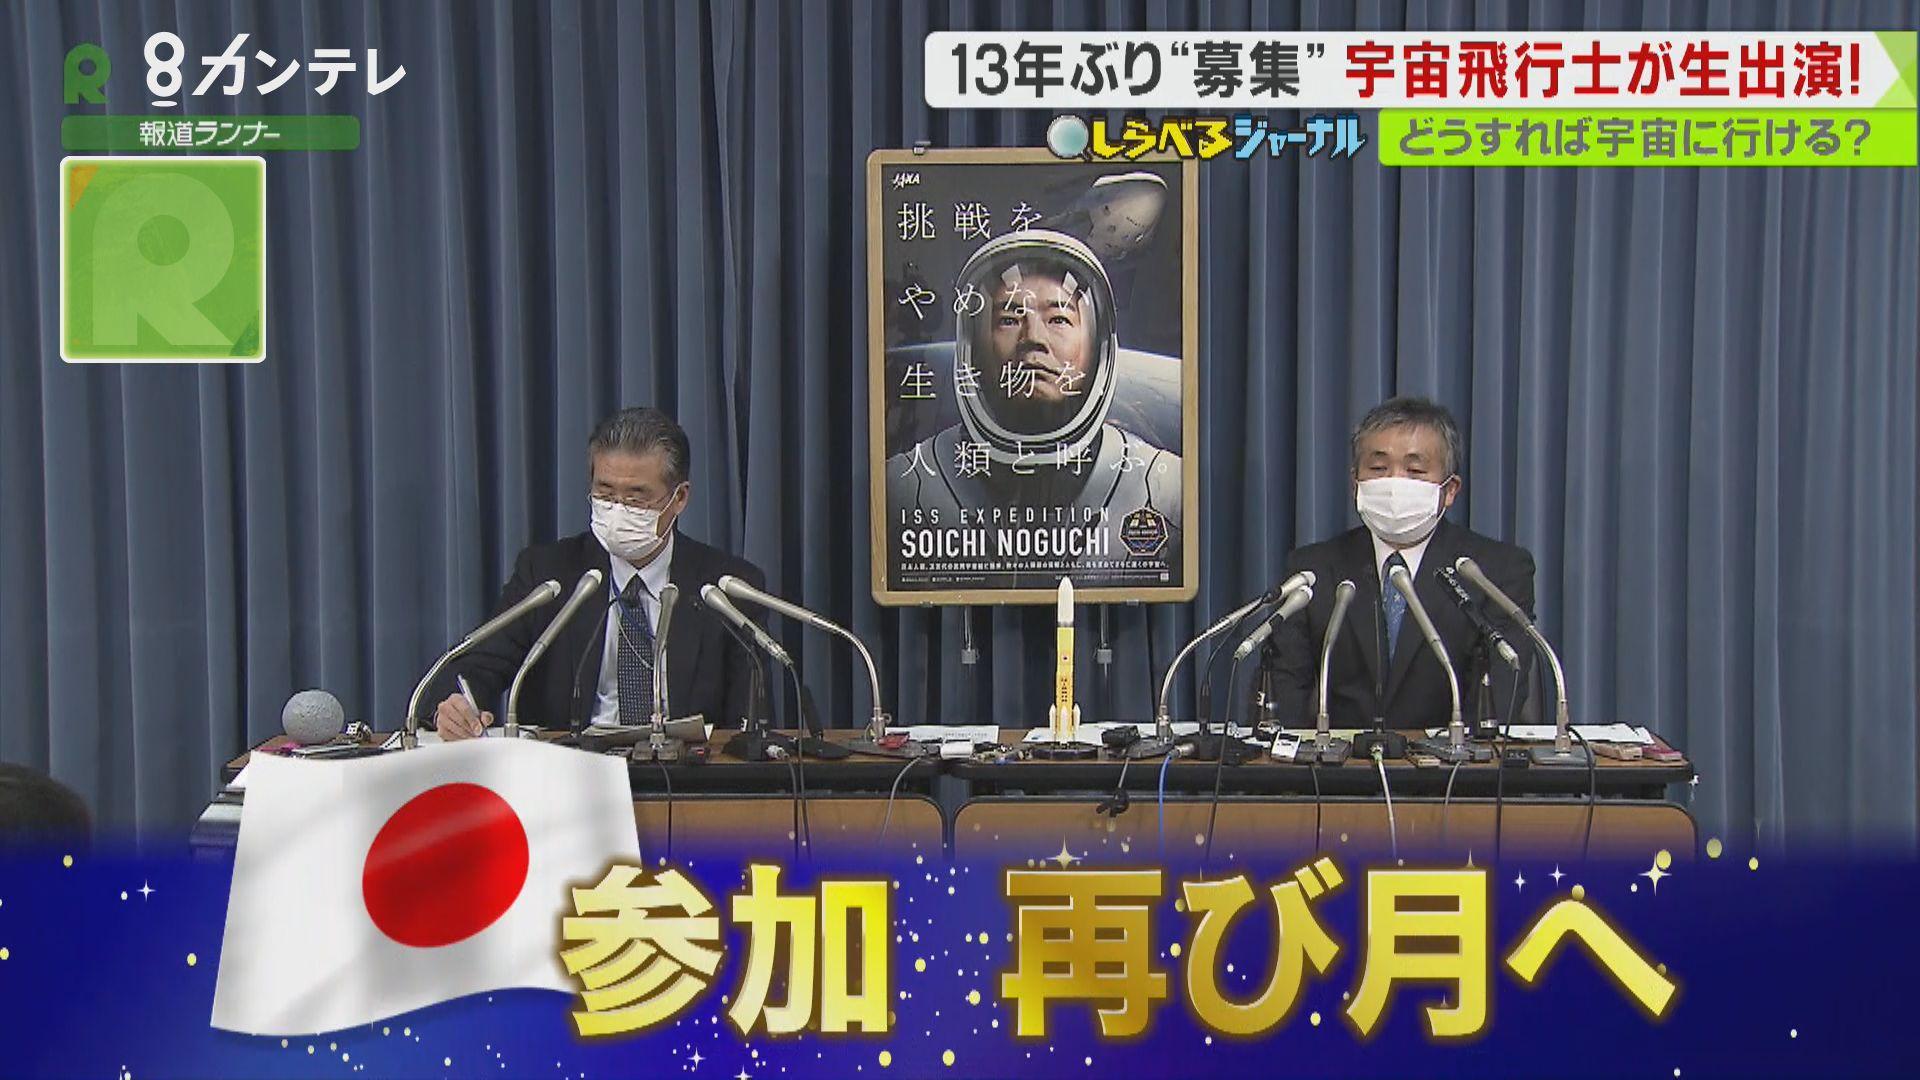 """日本にたった7人…現役飛行士に聞いた!""""13年ぶりの募集""""で注目集まる「宇宙飛行士」になるには?"""